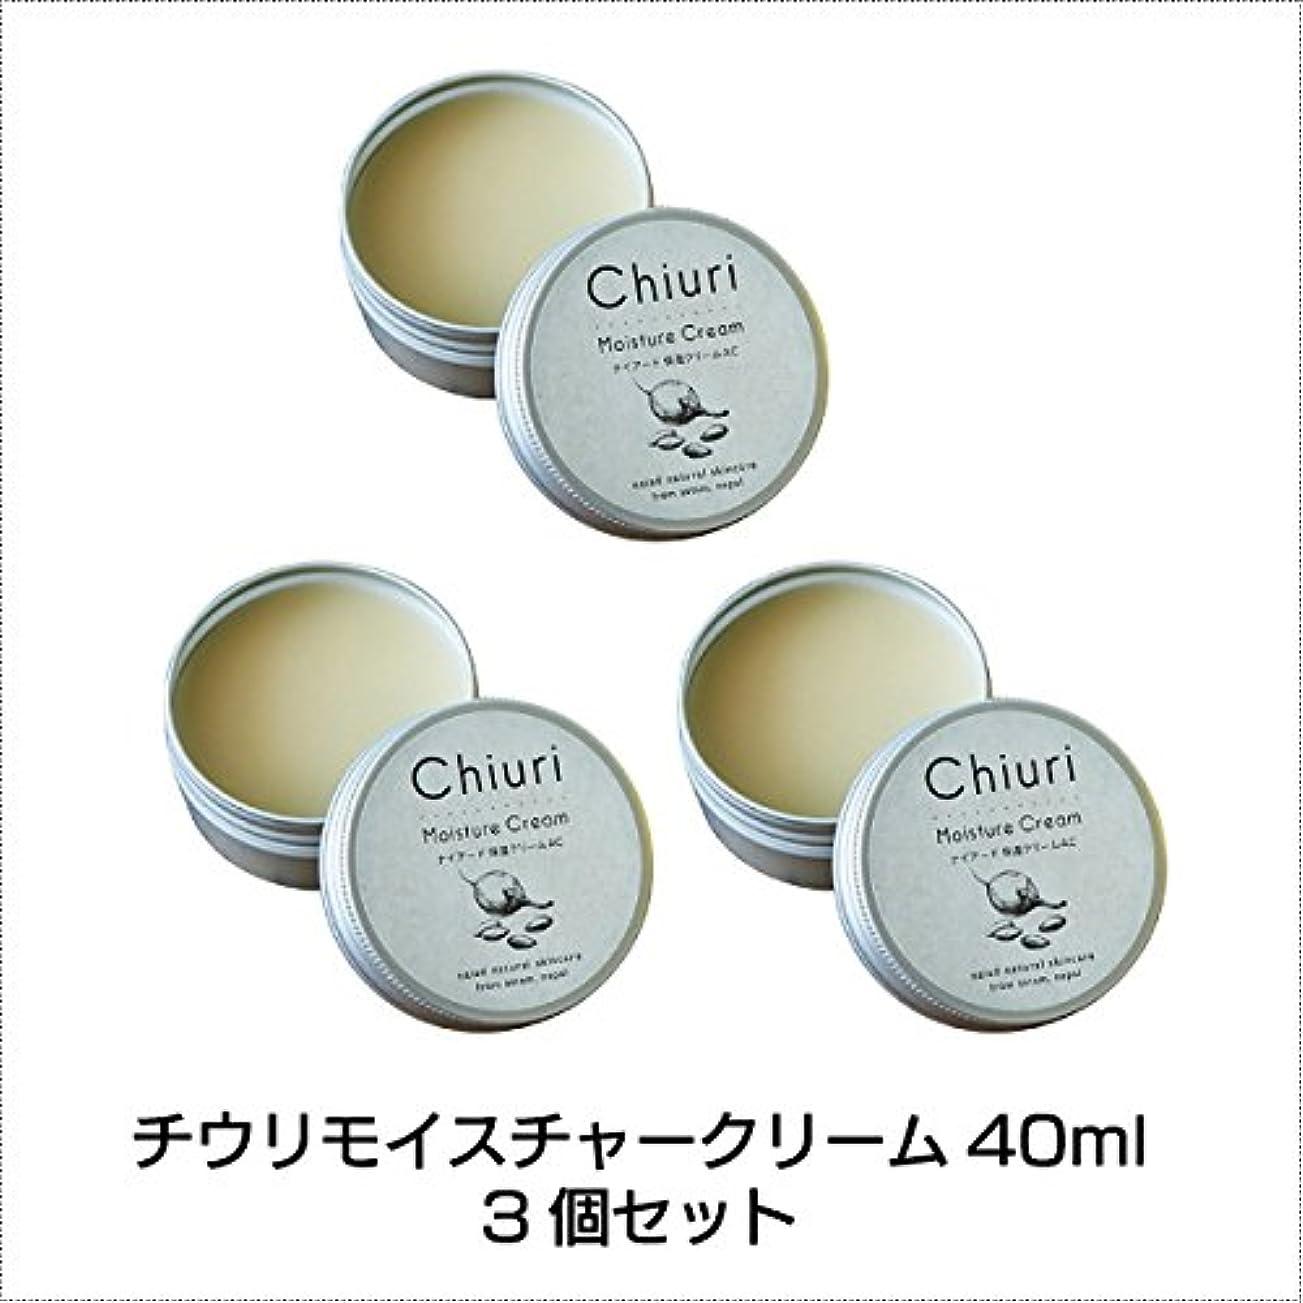 センター軽安心させるチウリモイスチャークリーム3個セット(40ml×3個)無添加保湿クリーム